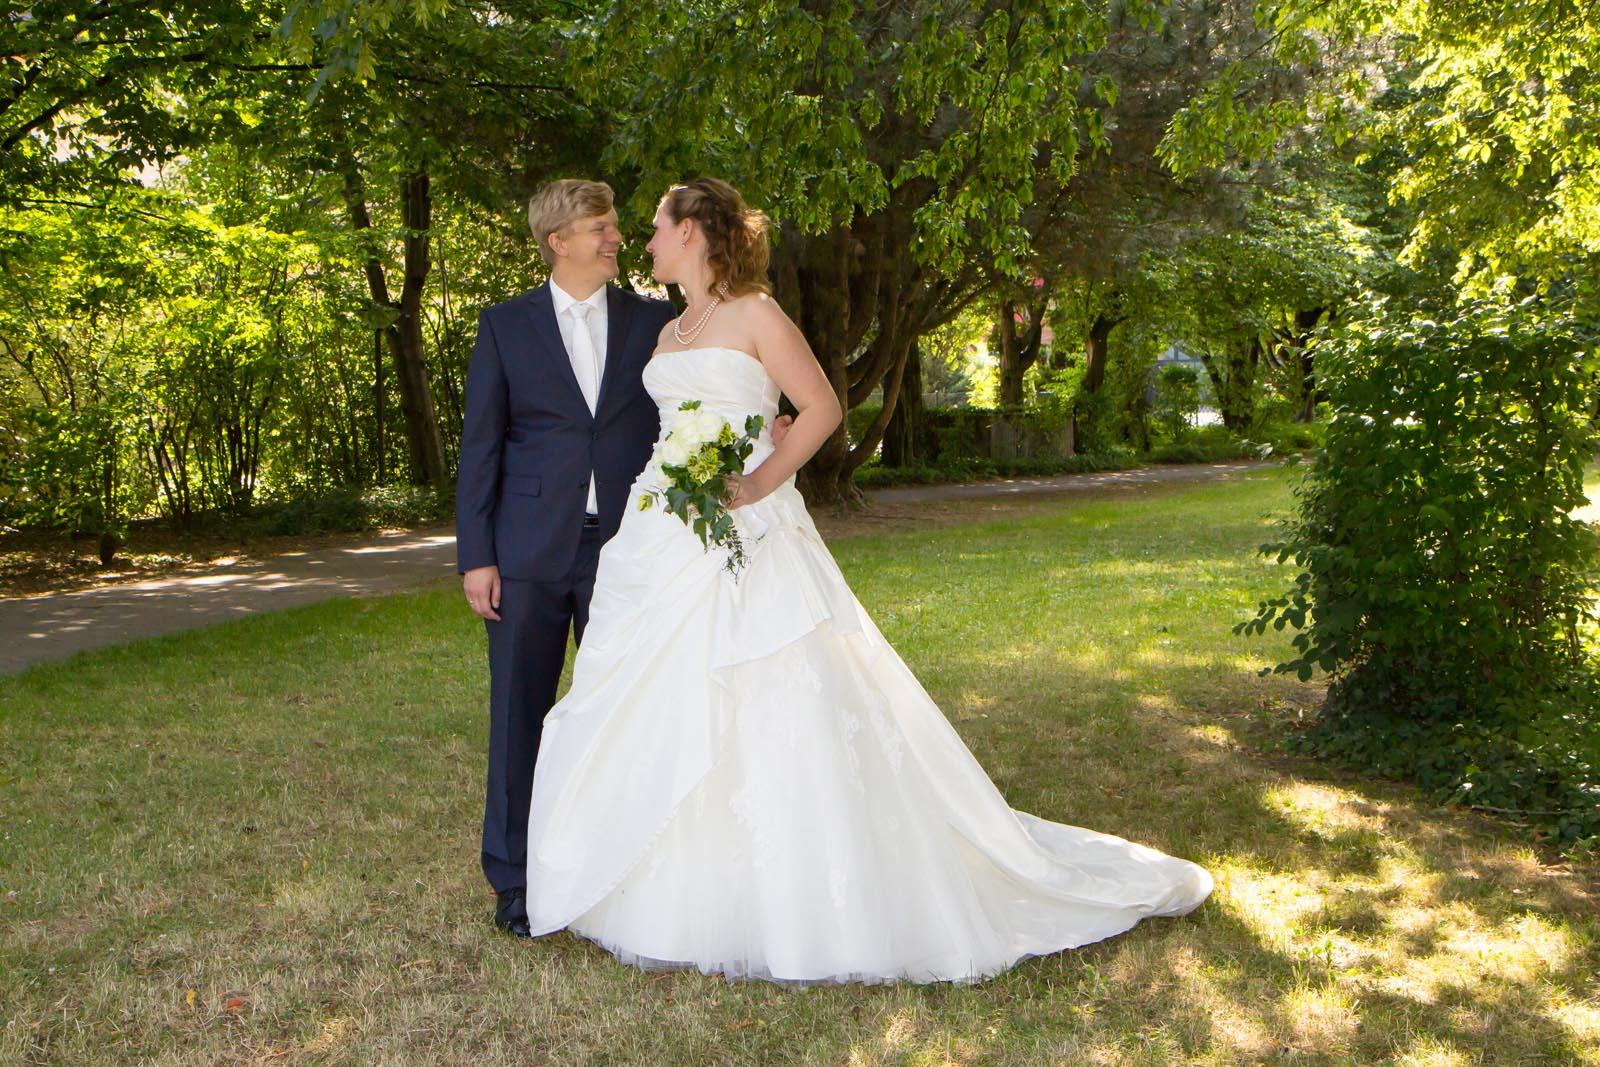 Hochzeit-Portraits-Oettl-Hochzeit-Oettl-2837.jpg